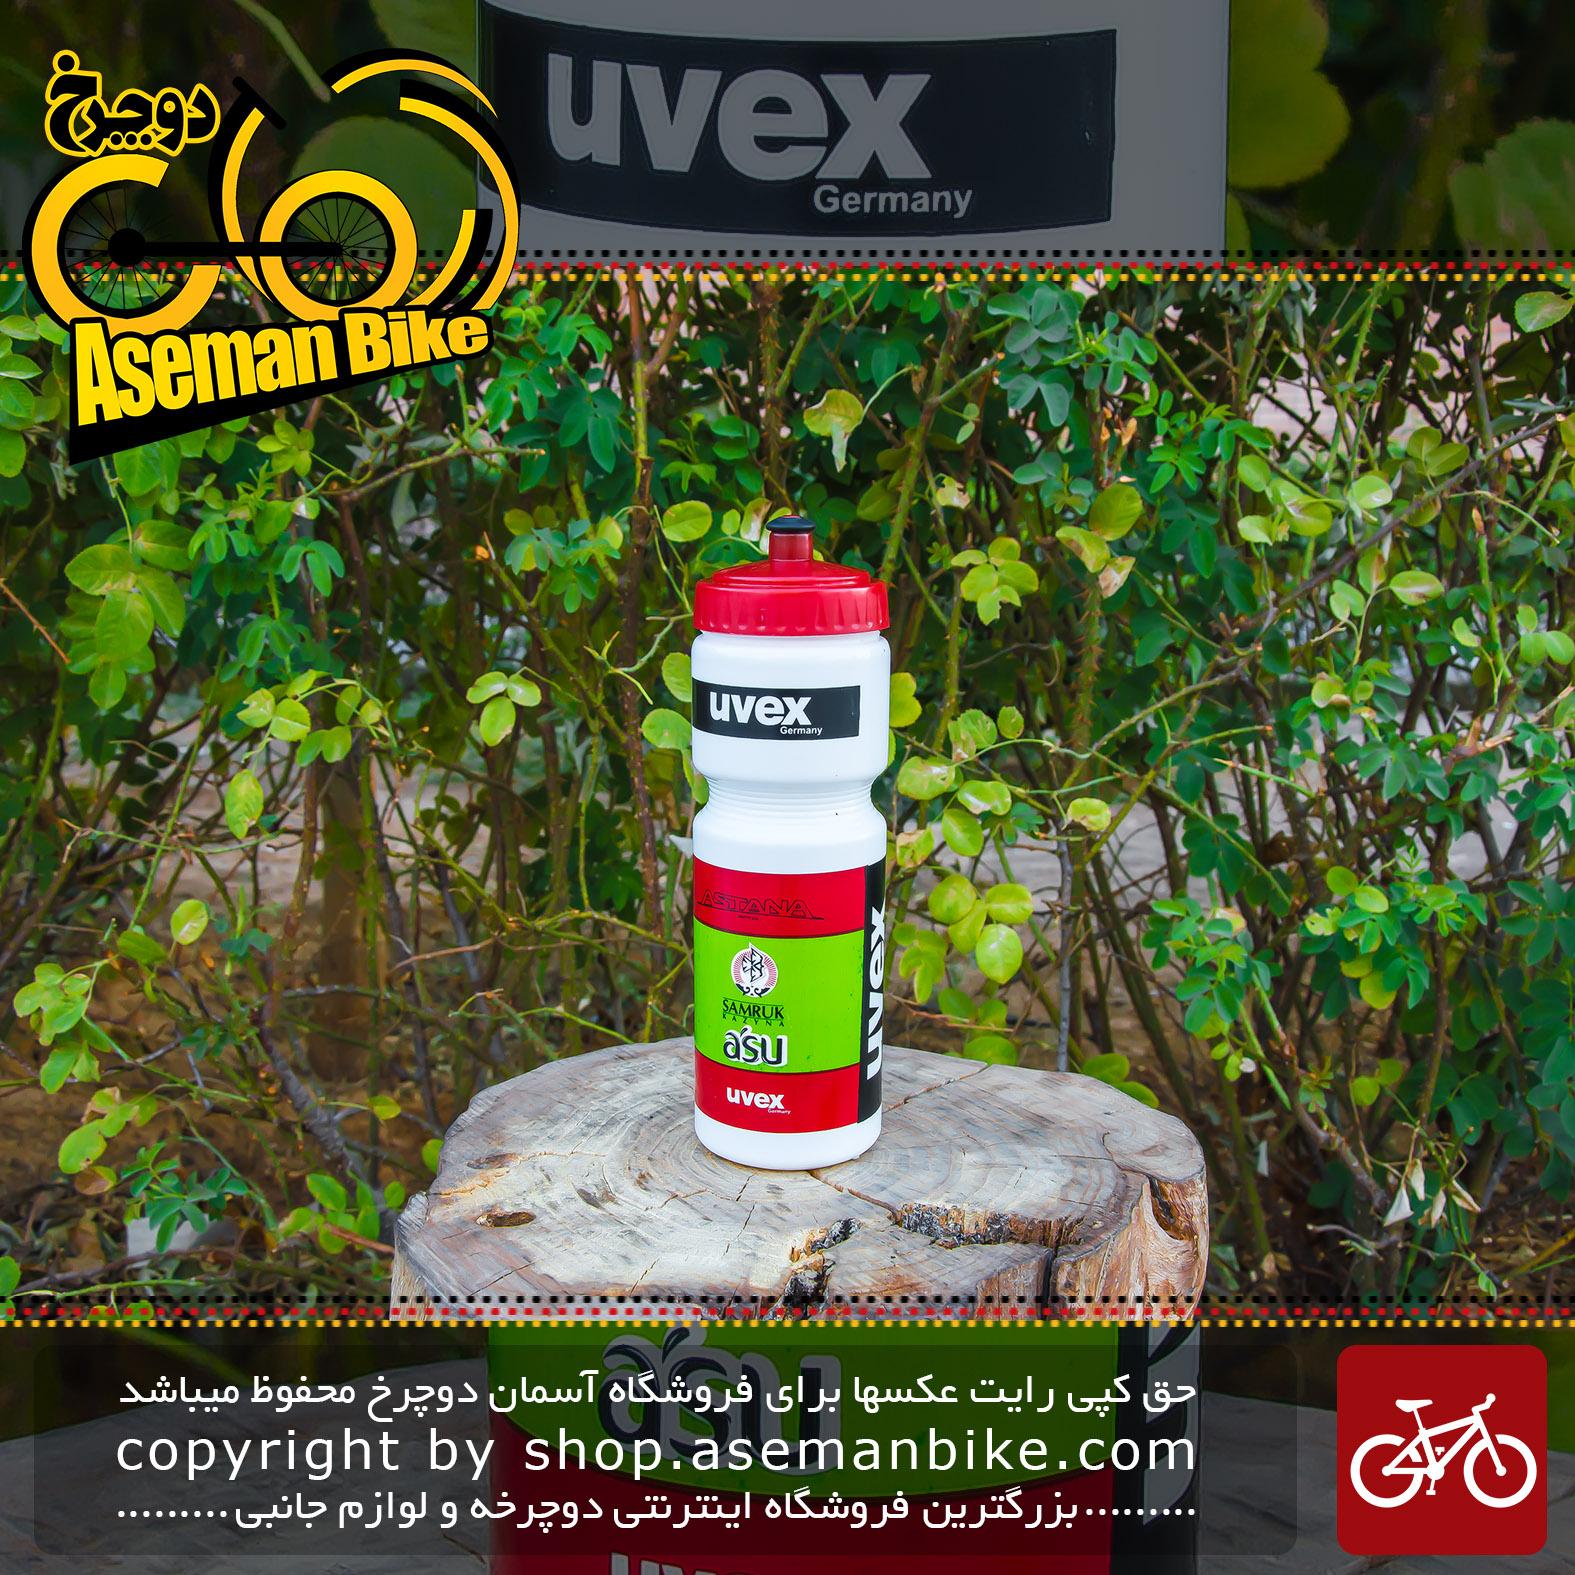 قمقمه تیمی دوچرخه یووکس سبز قرمز مدل آسو 750 سی سی Uvex Astana Asu Team